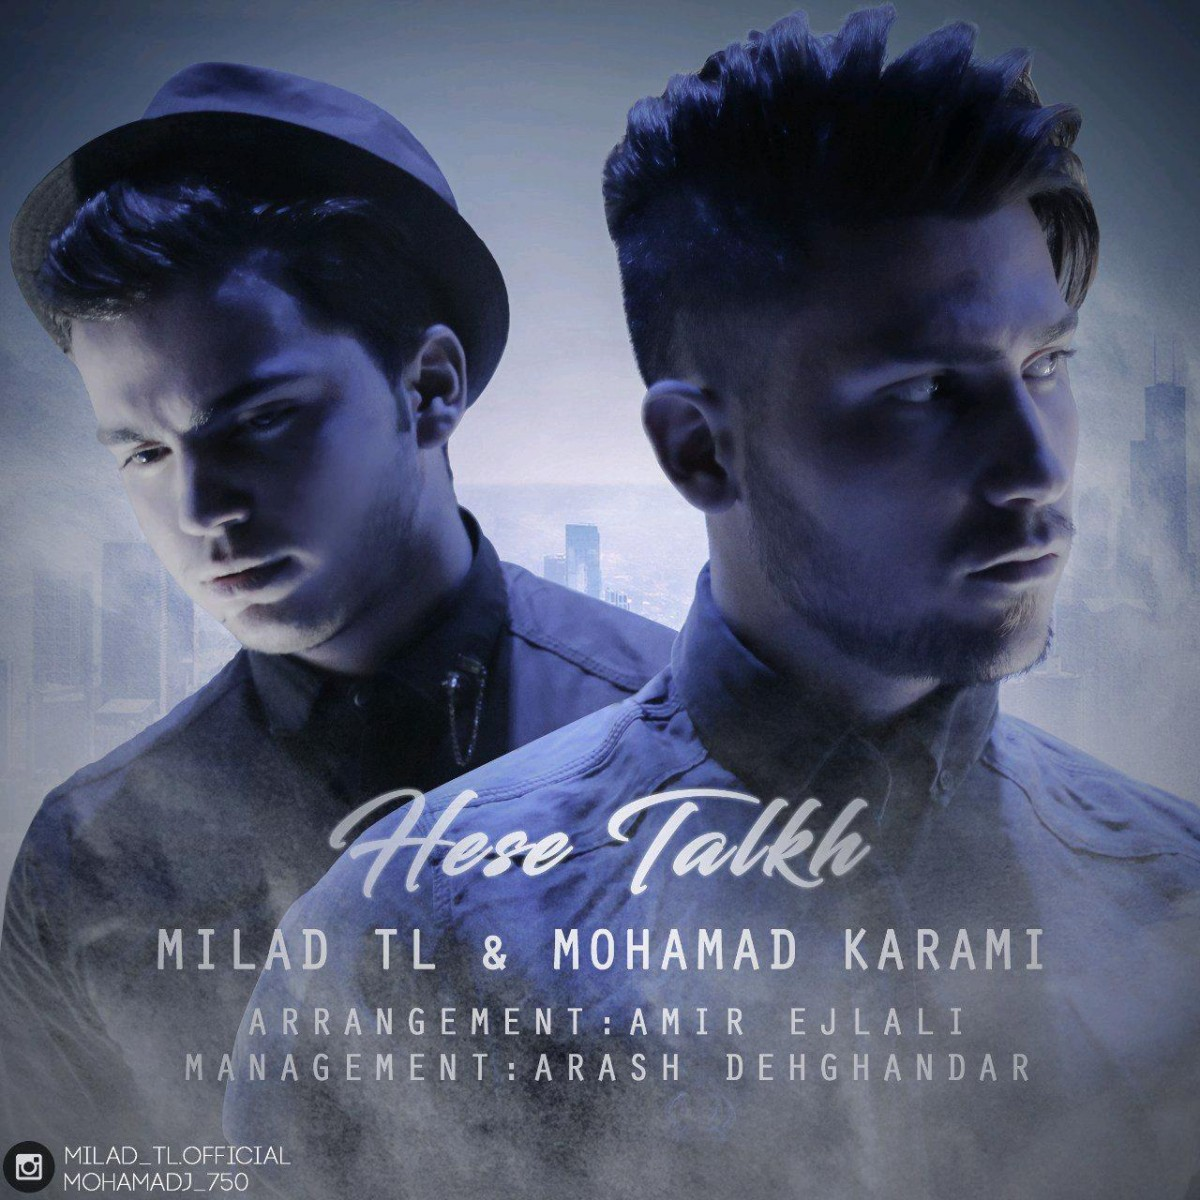 نامبر وان موزیک | دانلود آهنگ جدید Milad-TL-Hese-Talkh-Ft-Mohmmad-Karami